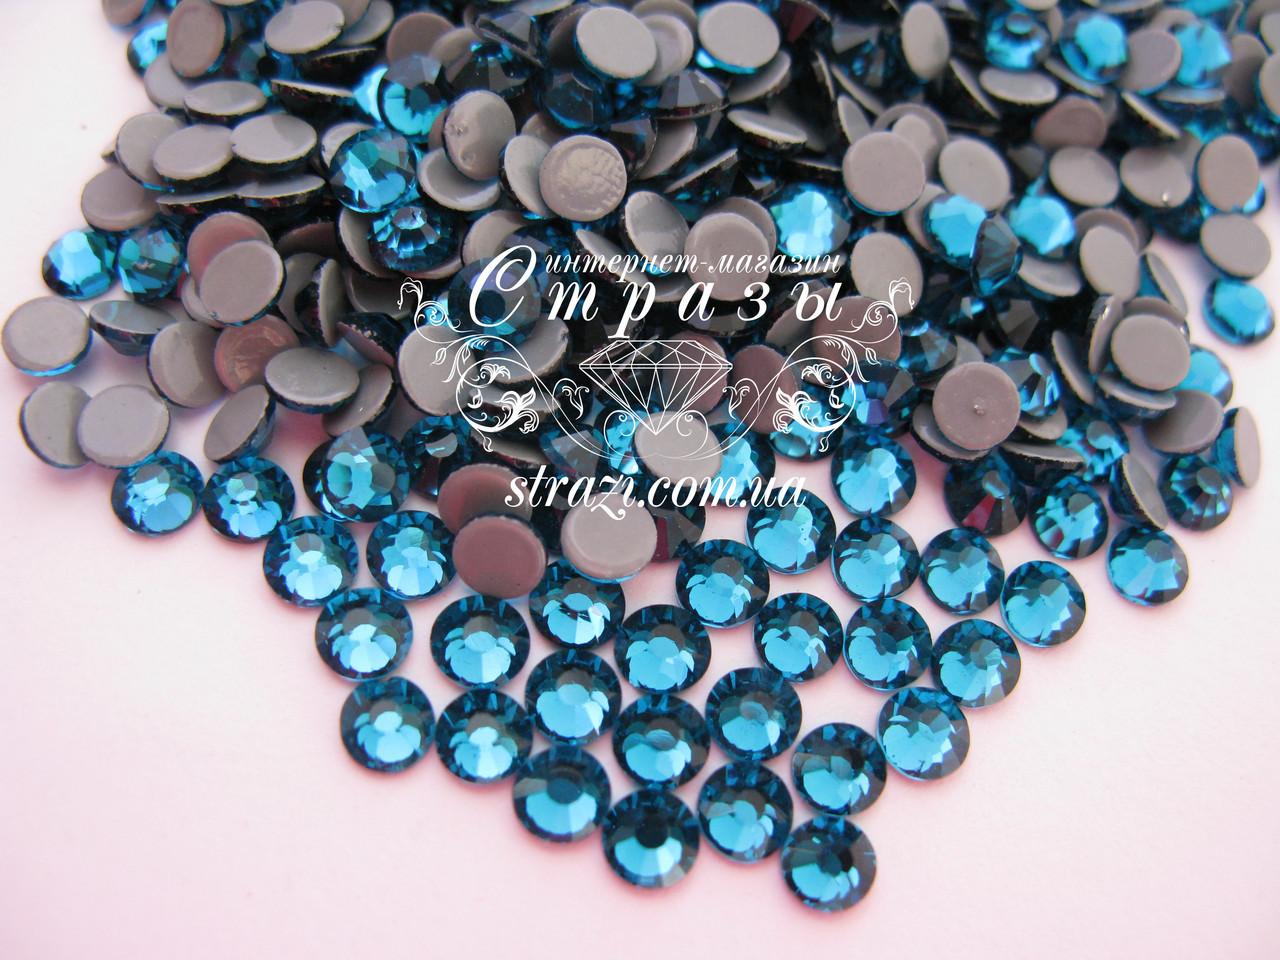 Термо стразы Lux ss20 Blue Zircon (5.0mm) 100шт